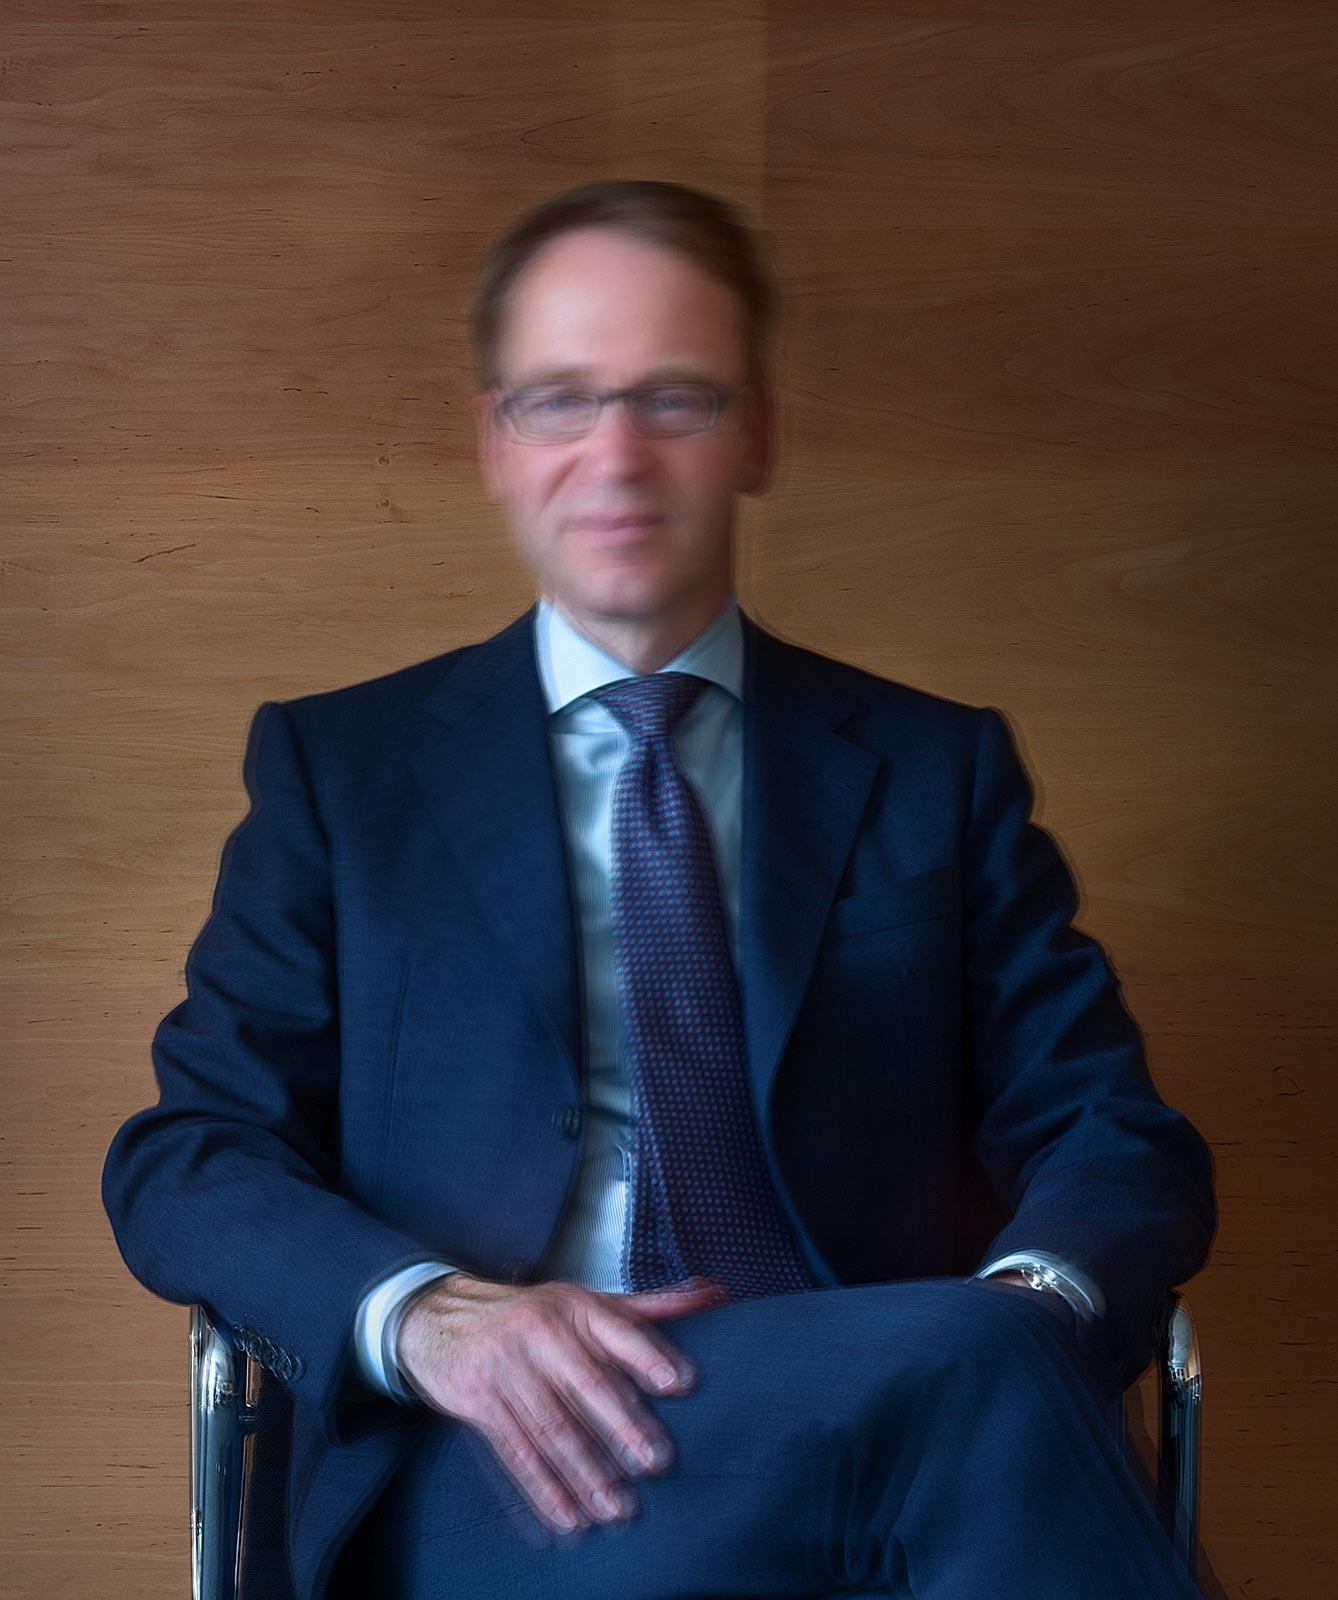 Jens Weidmann (10.35 - 10.40 Uhr, 26.6.2014)